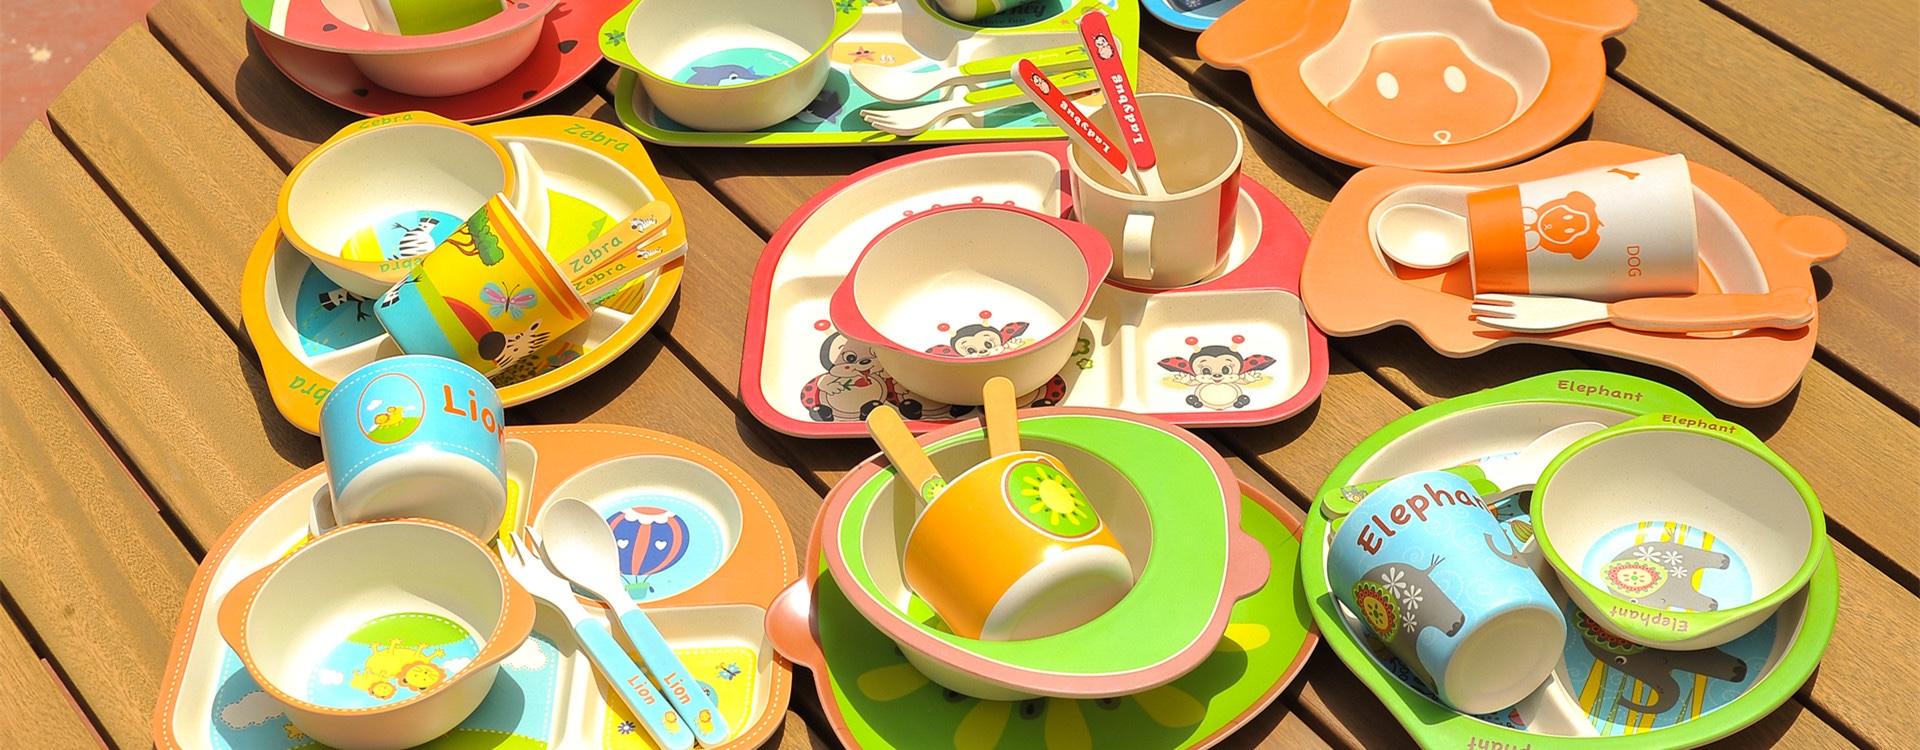 ecomagicware tableware